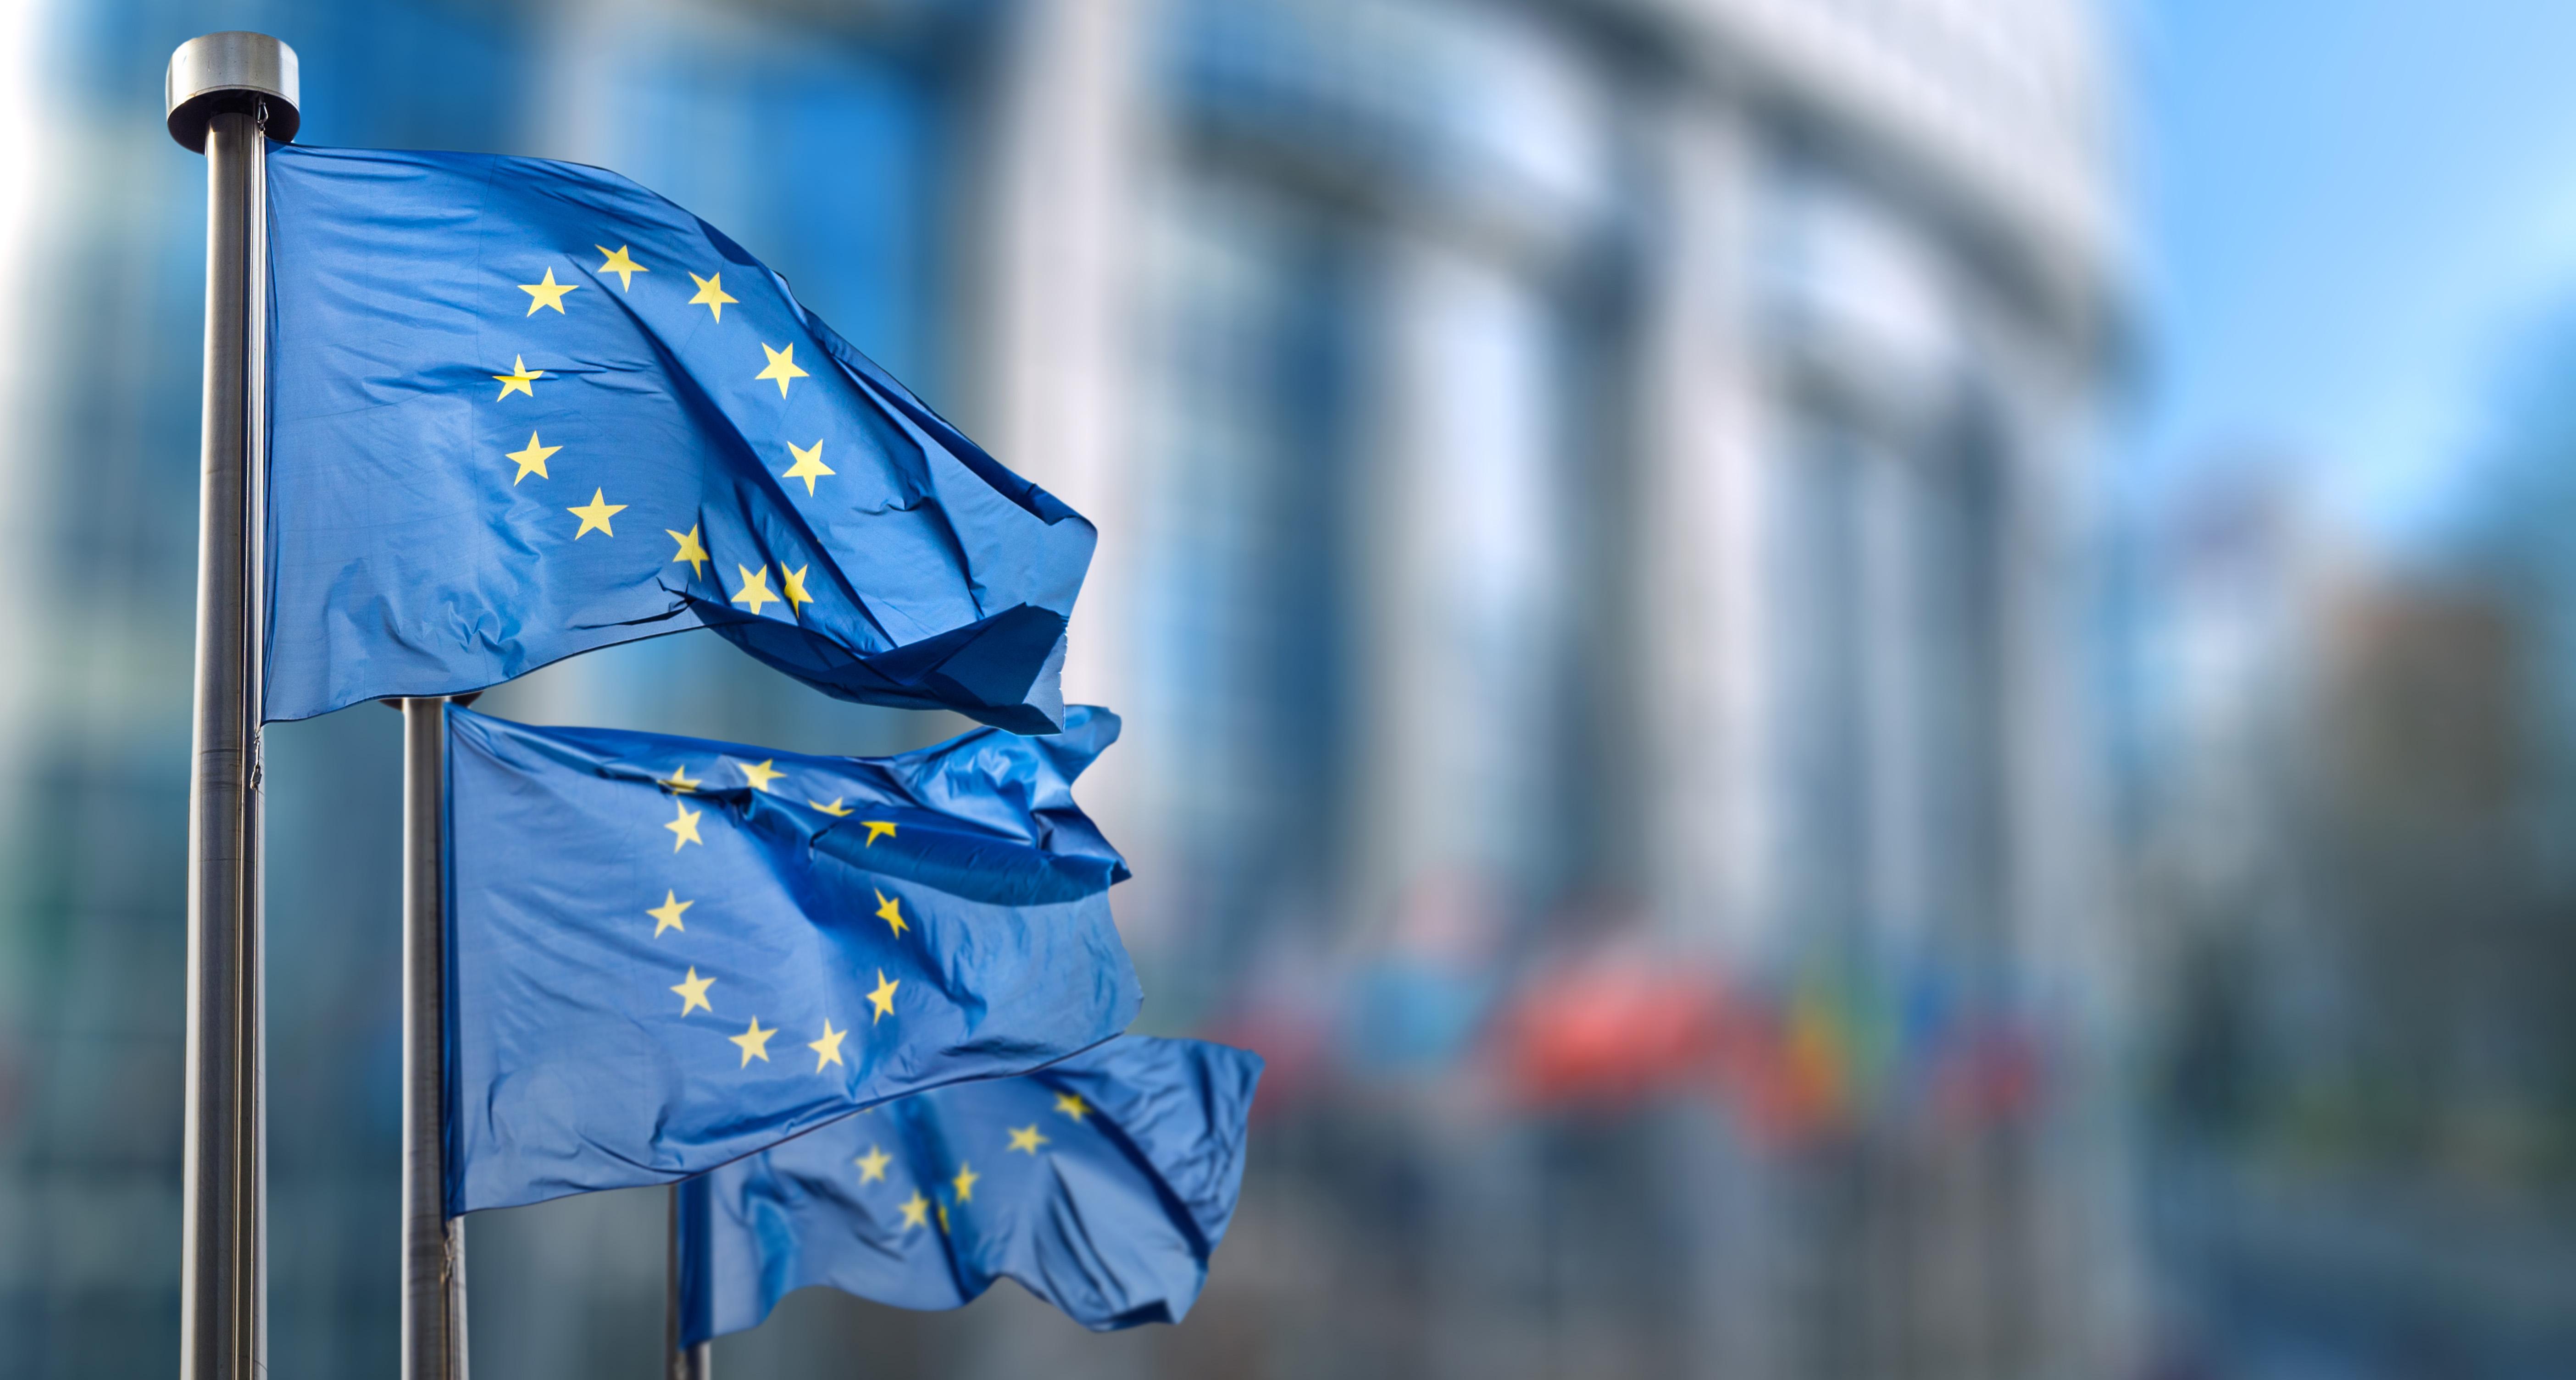 Koronawirus w UE – tymczasowe ramy prawne umożliwią udzielanie przedsiębiorcom dodatkowej pomocy publicznej w związku z COVID-19